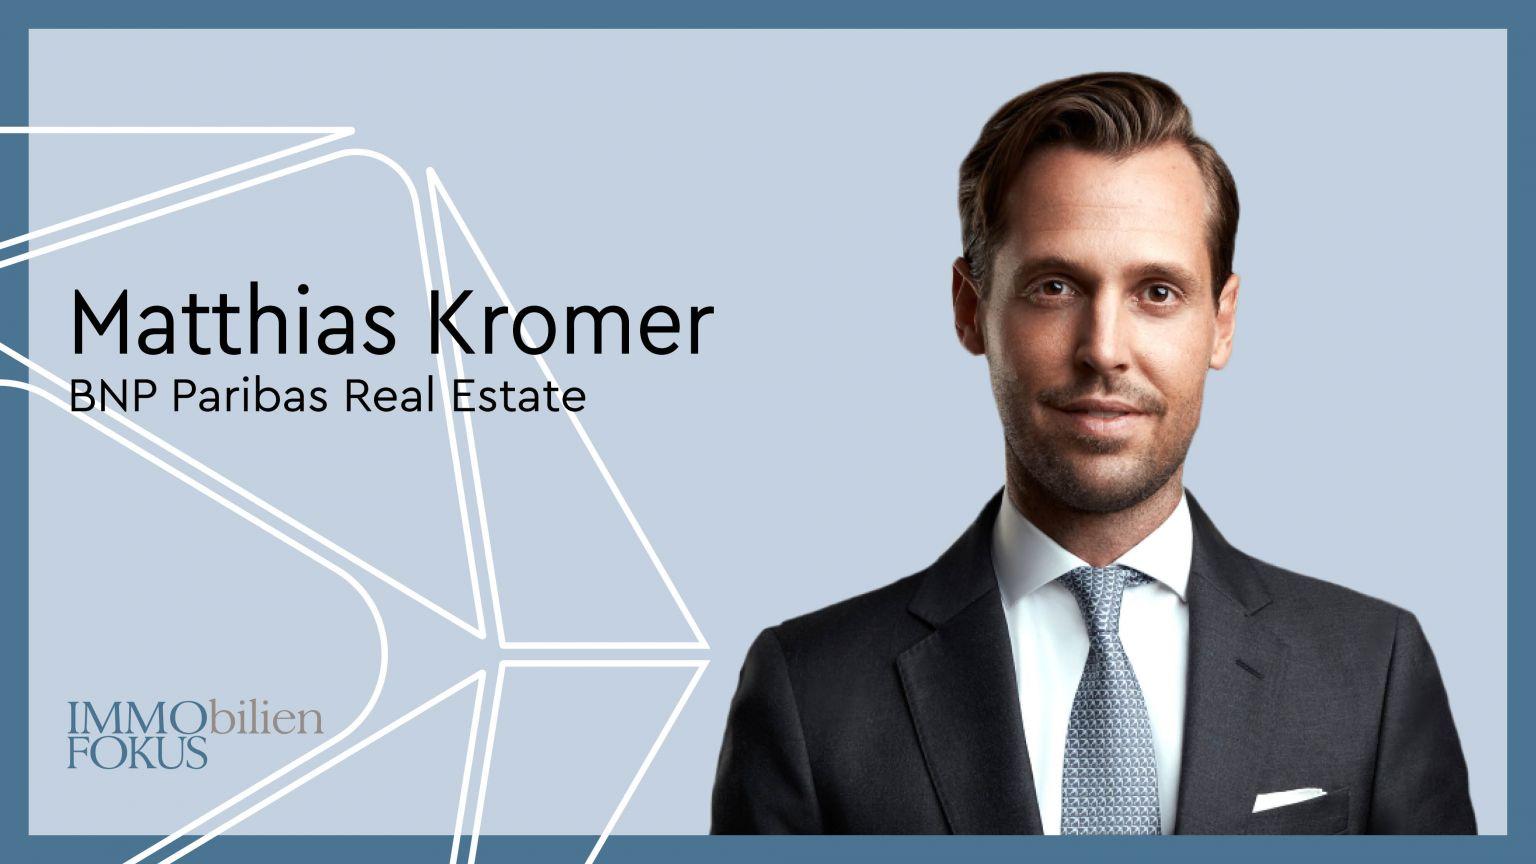 BNP Paribas Real Estate ernennt neuen Head of Business Development Capital Markets